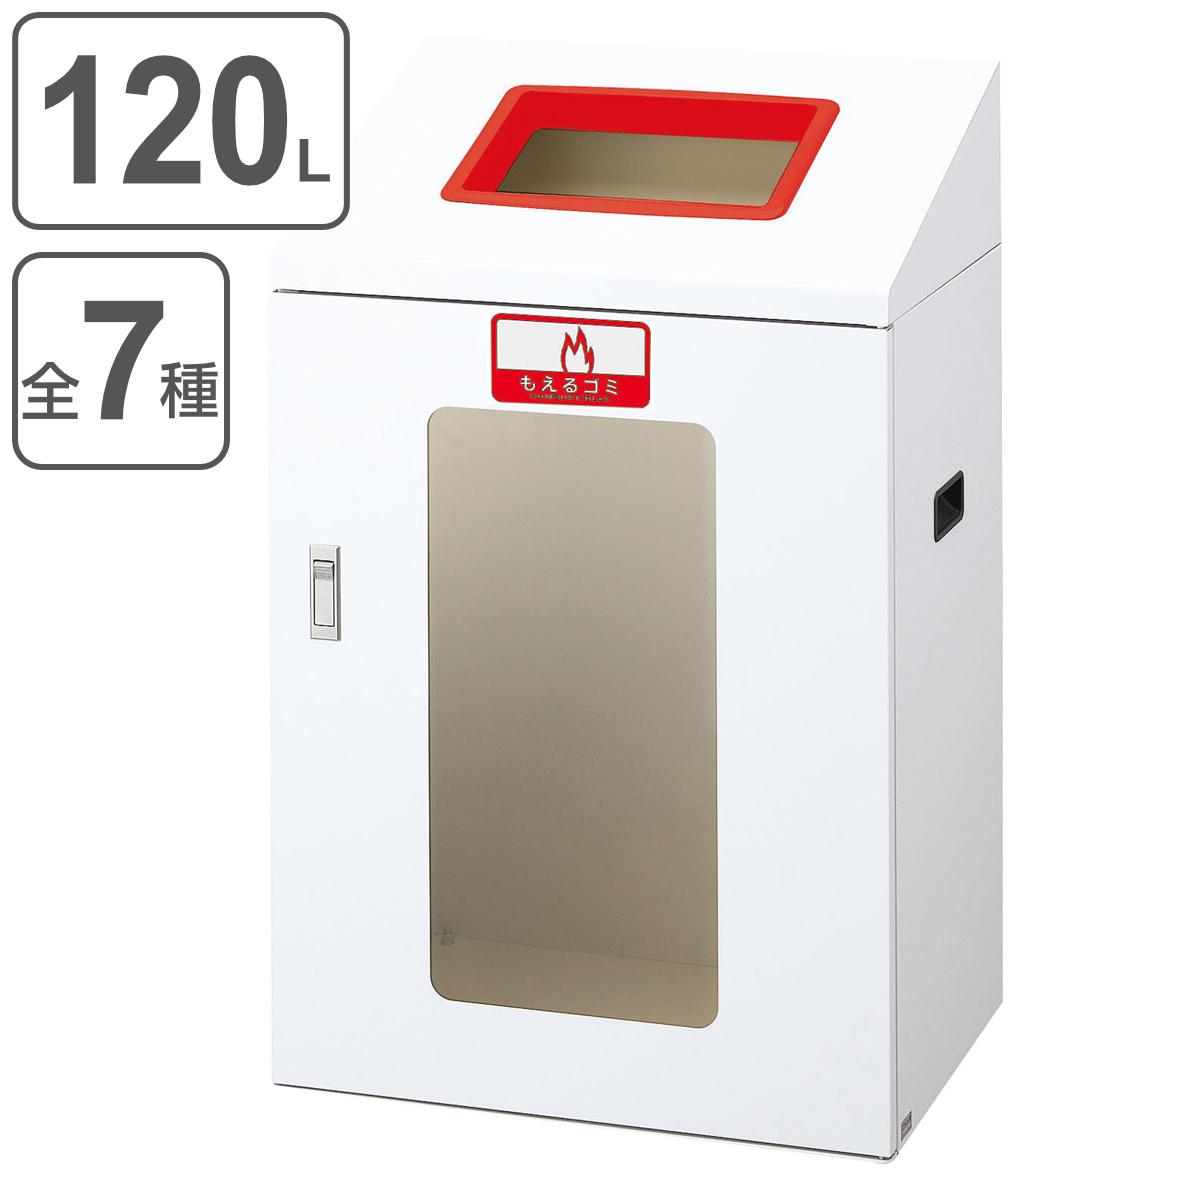 分別ゴミ箱 屋内用 リサイクルボックス YIS-90 ( 送料無料 ダストボックス 屑入れ 業務用 )